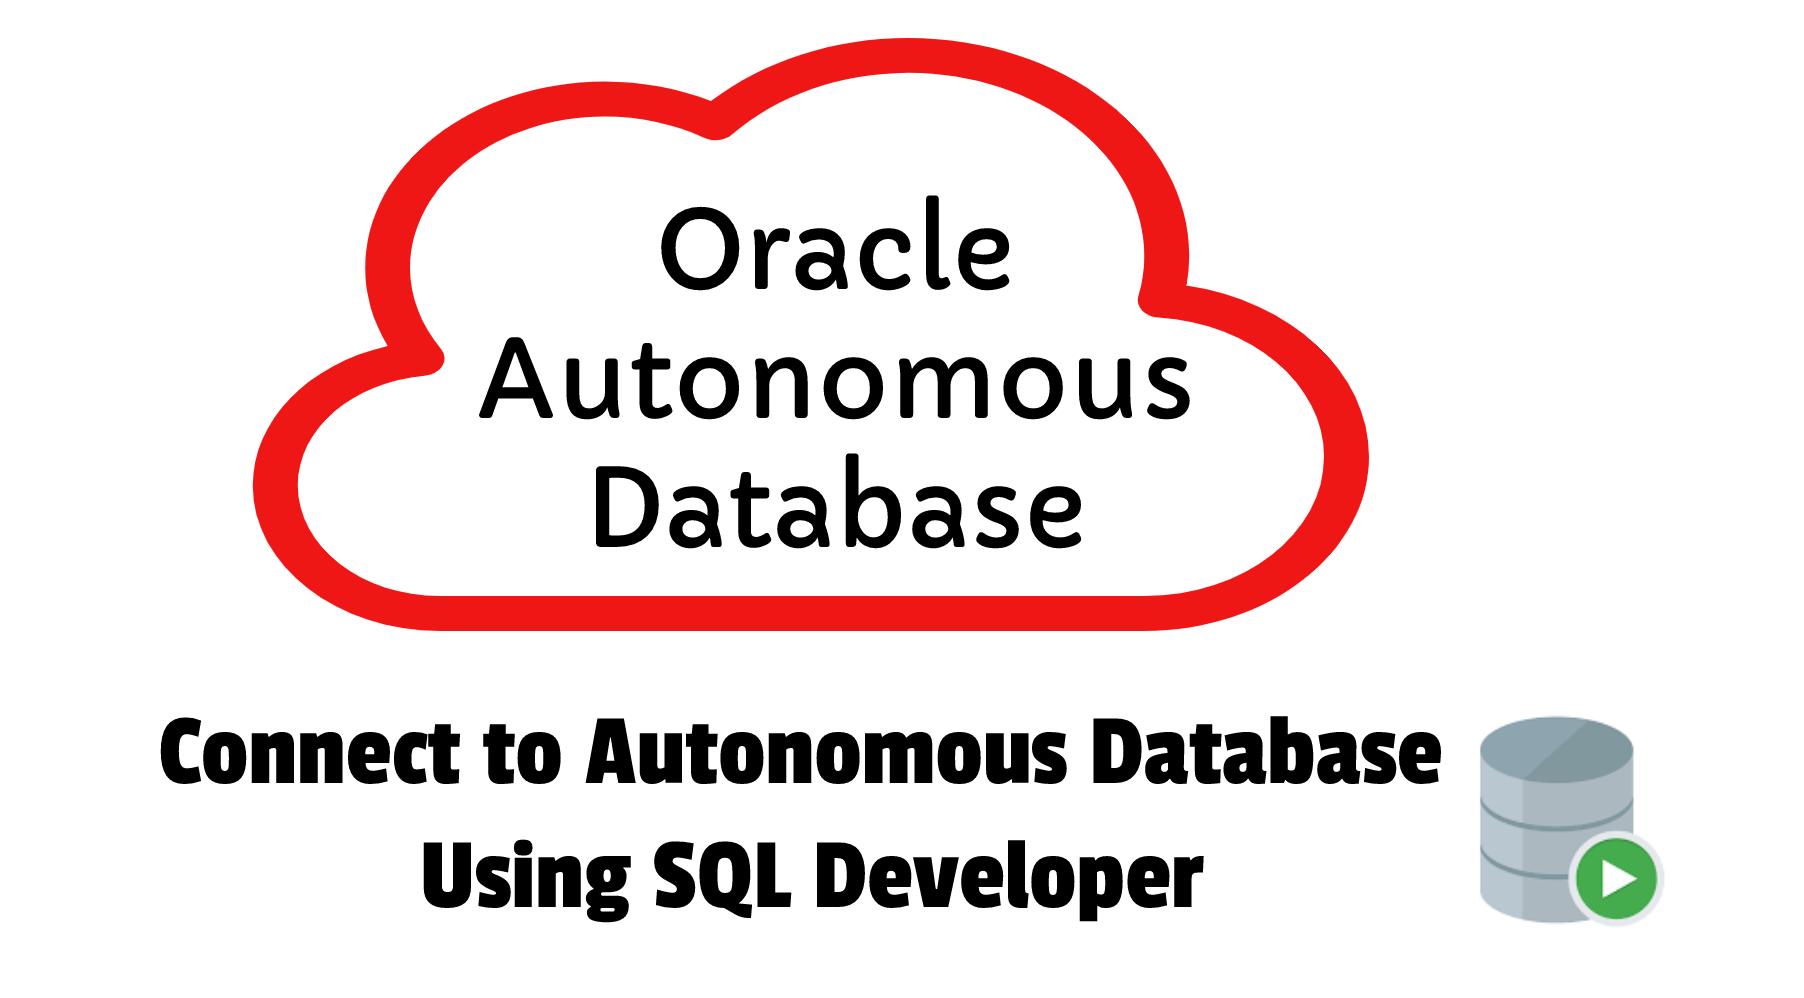 Connect to Autonomous Database using SQL Developer